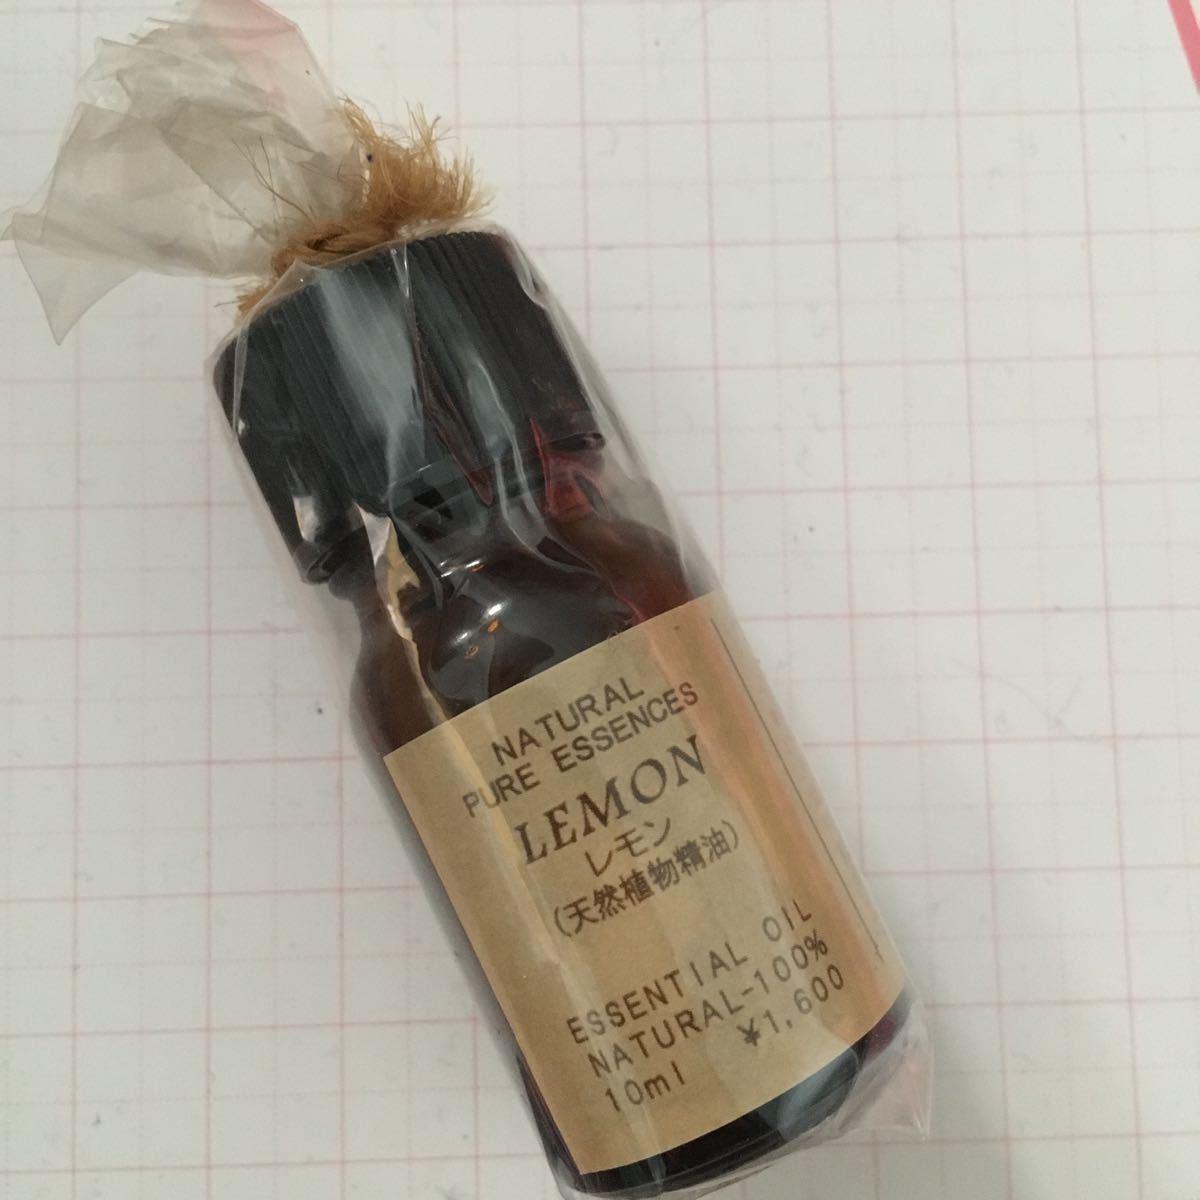 新品未使用 ナチュラルピュアエッセンス エッセンシャルオイル レモン 天然植物精油 10ml 定価1600円